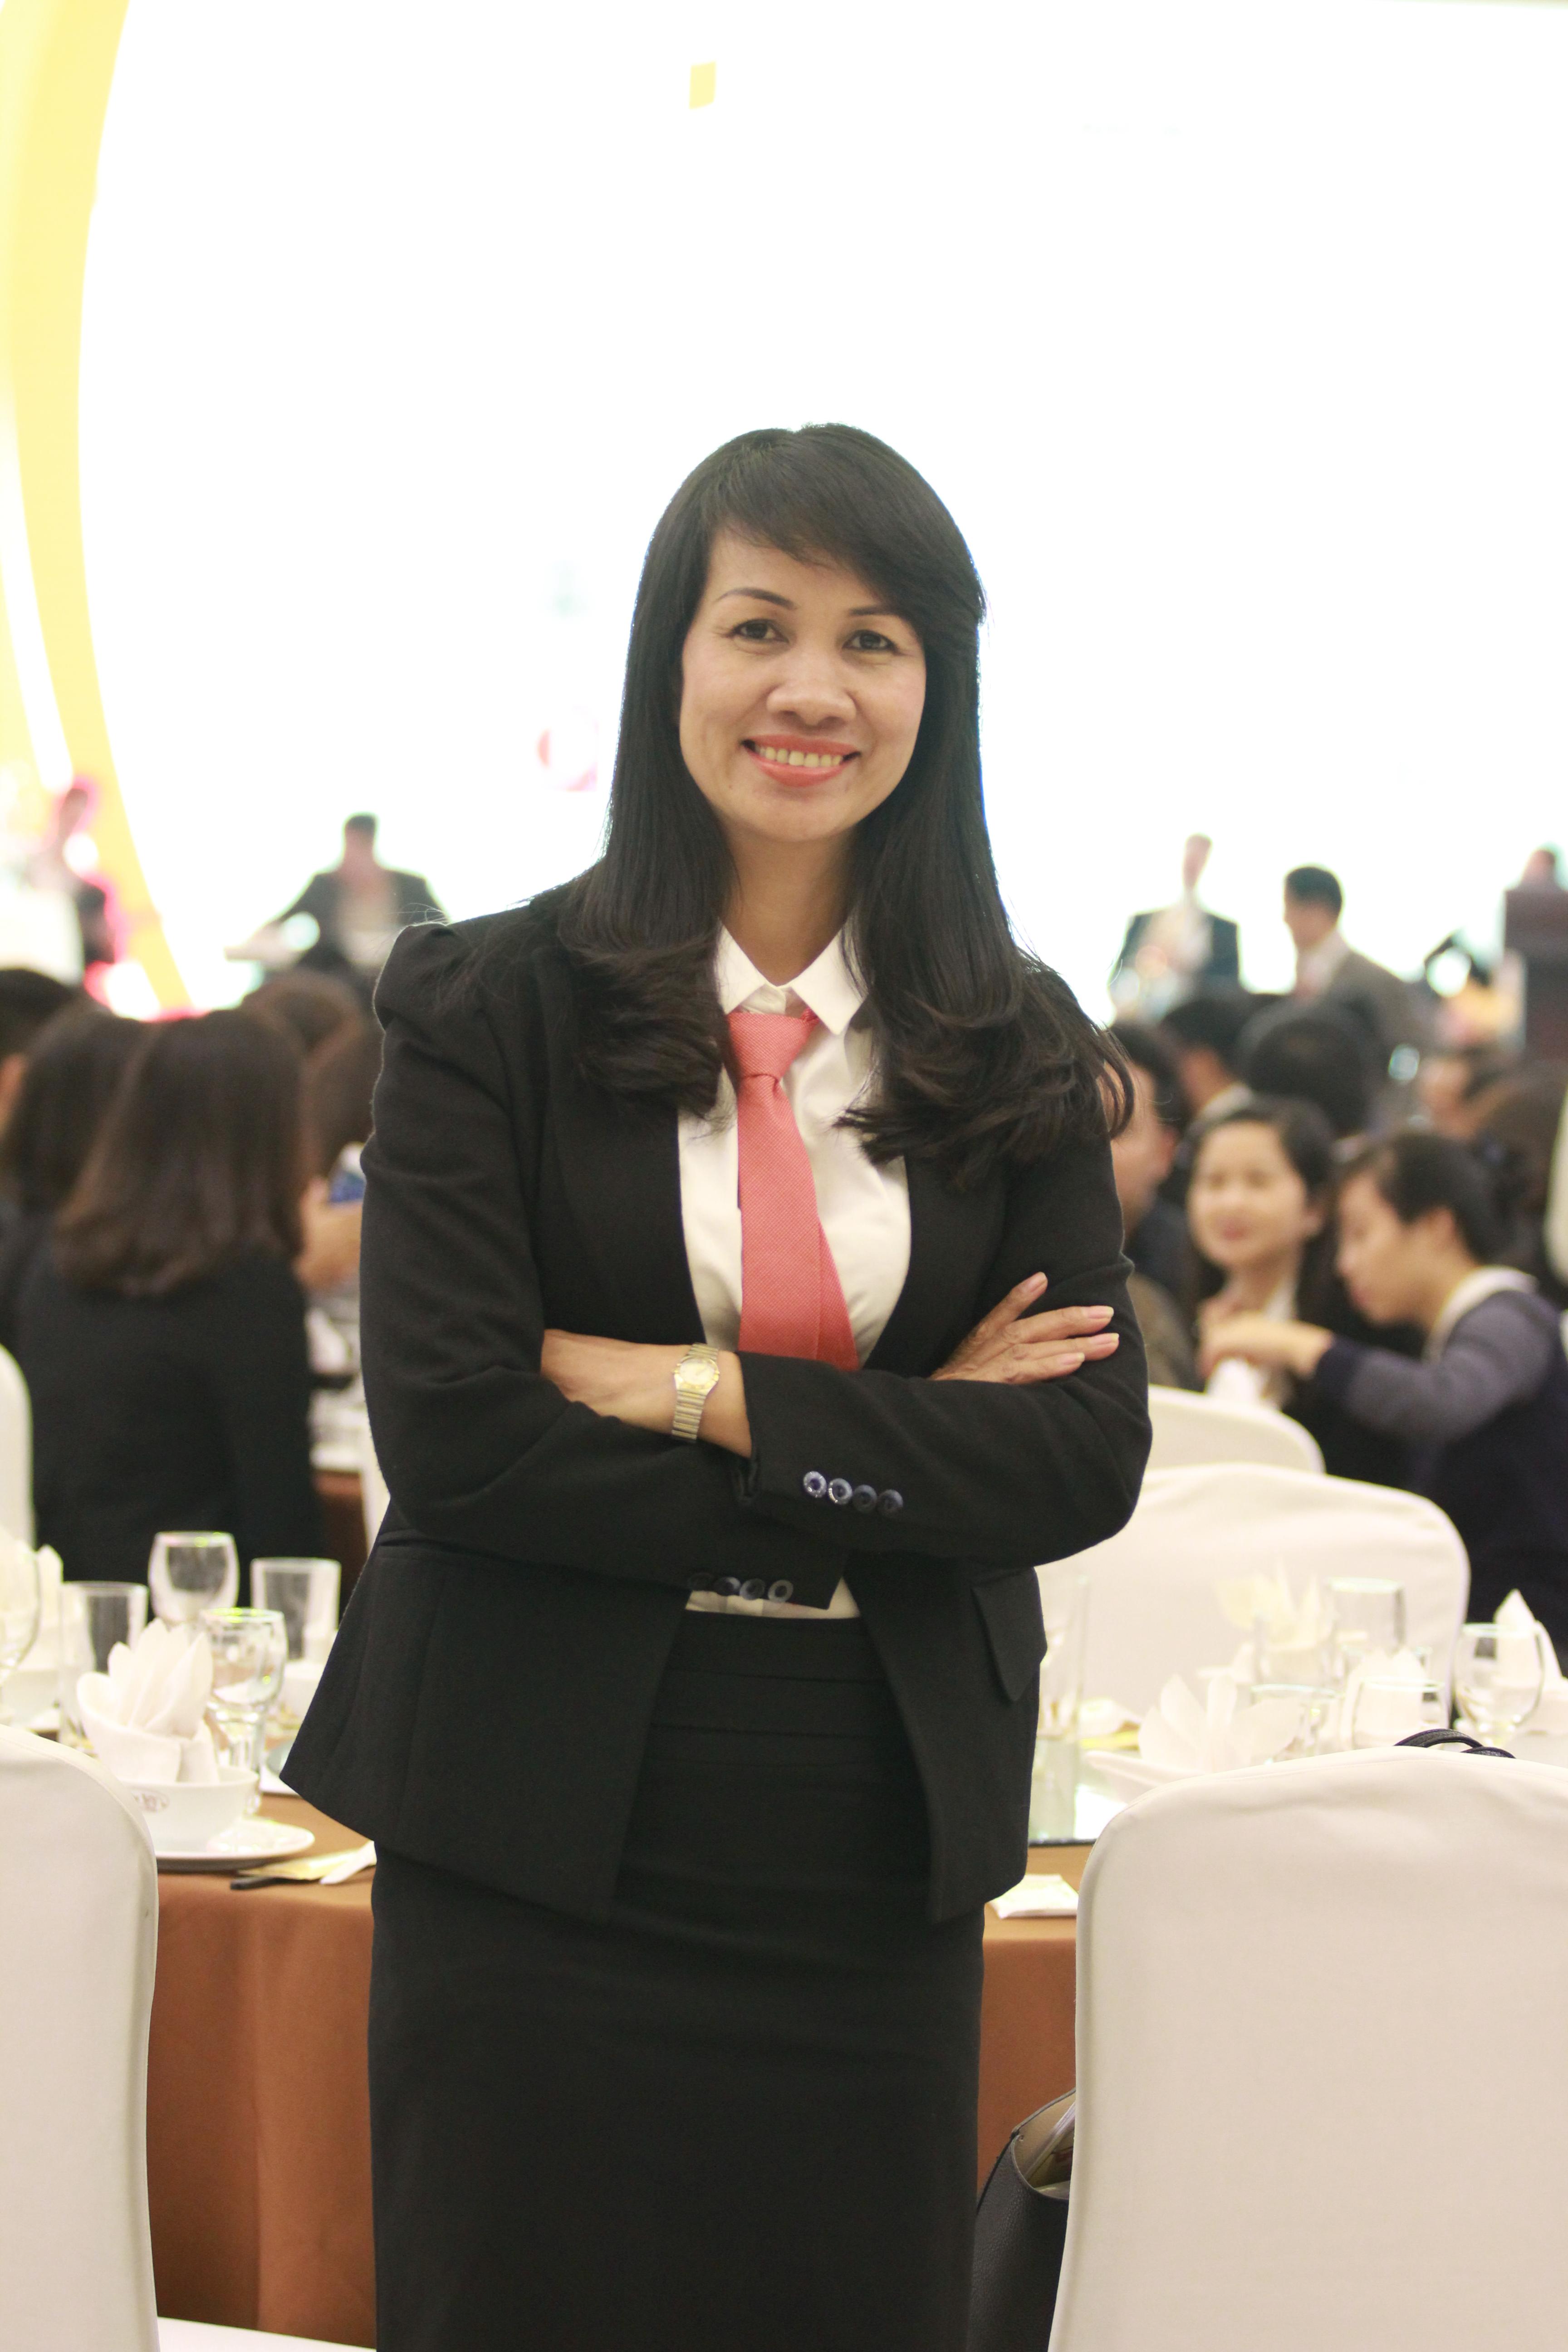 Bà Nguyễn Thúy Hưng  Nhà hàng Neptune Số 8B - lô 26 - Đường Lê Hồng Phong